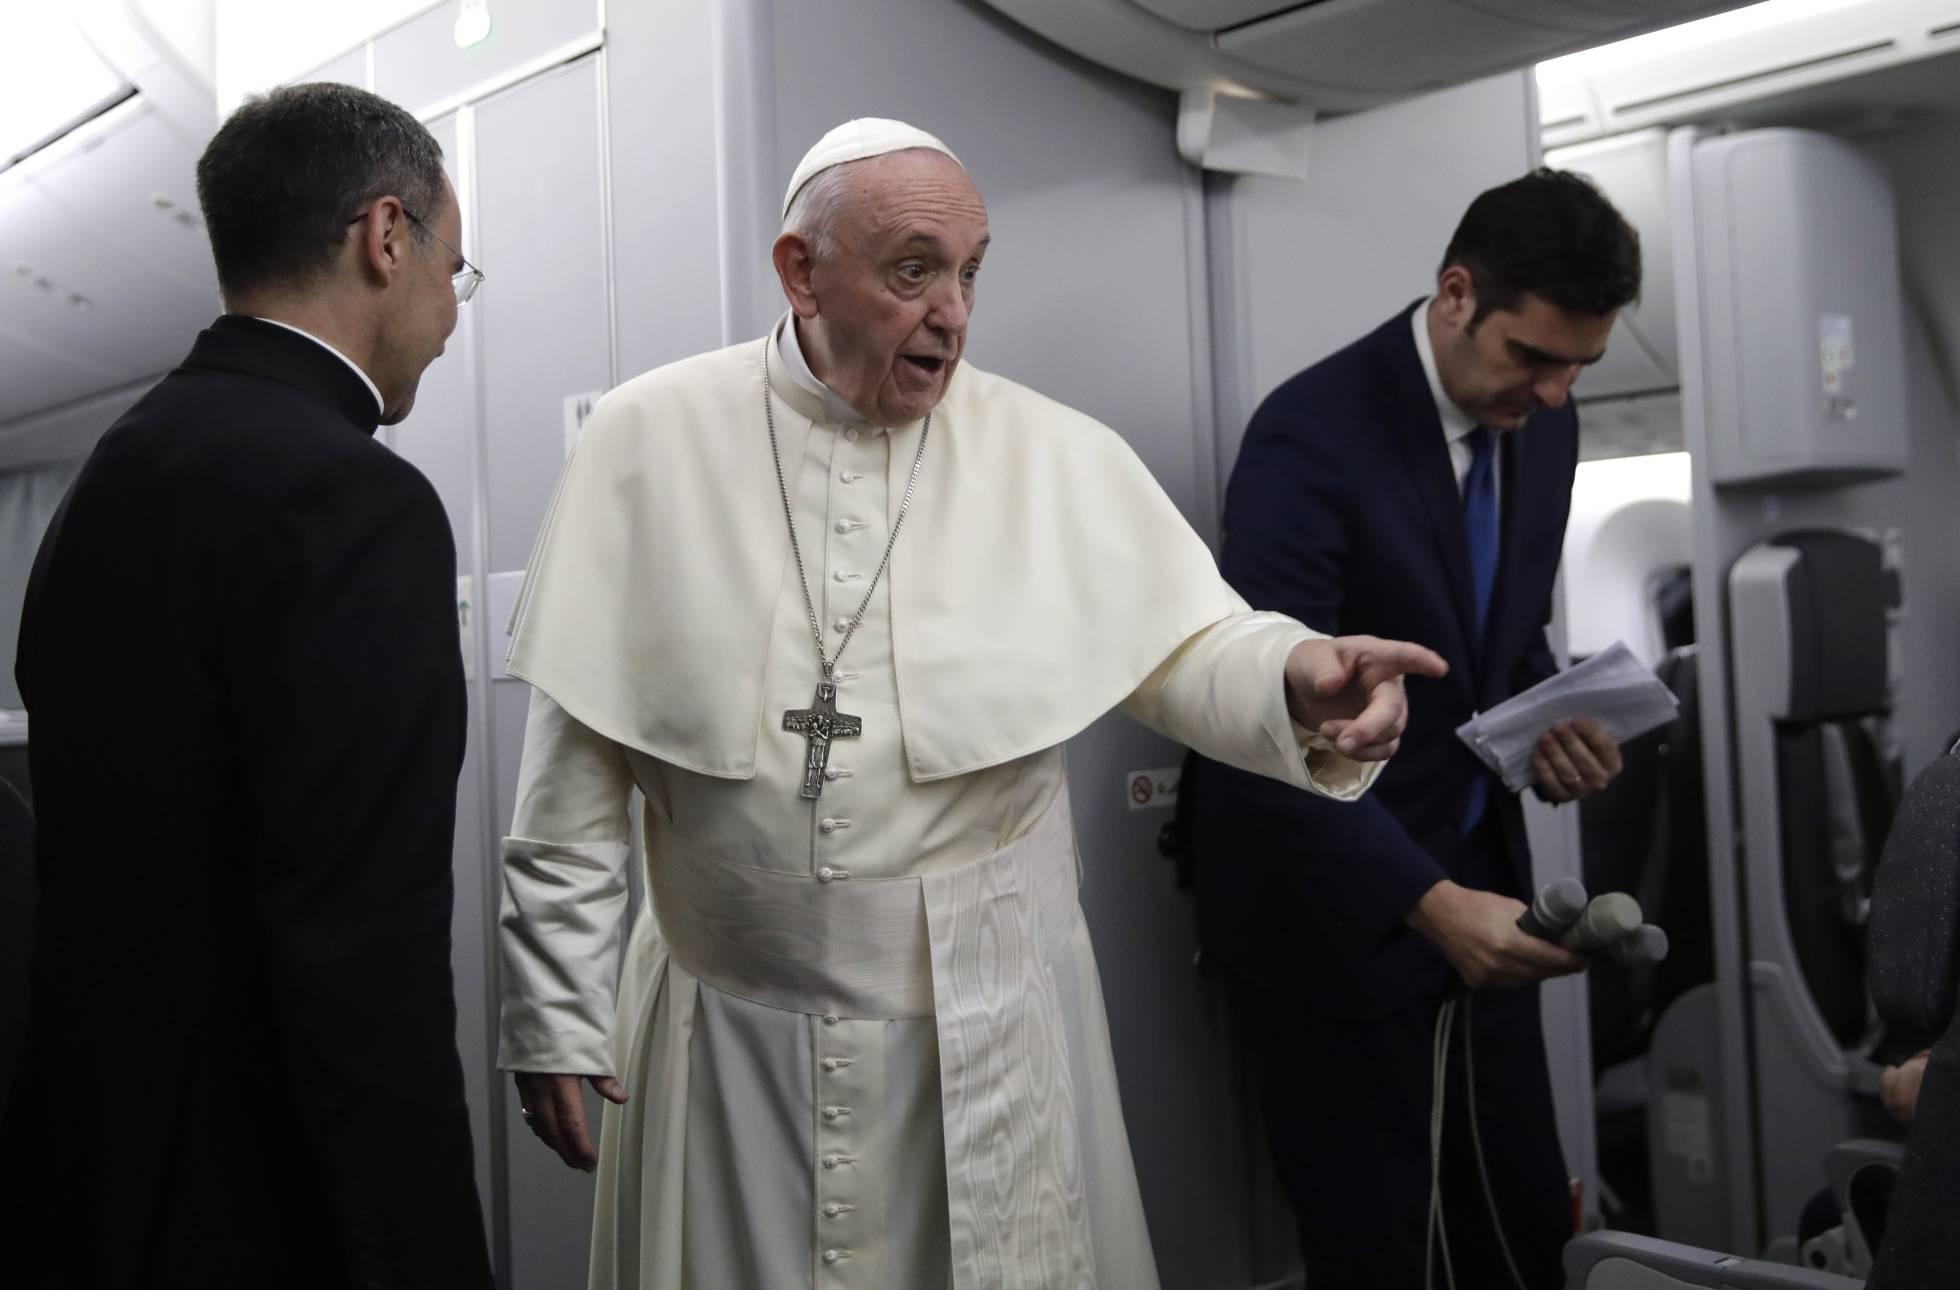 El Papa asegura que nunca autorizará el celibato opcional para sacerdotes